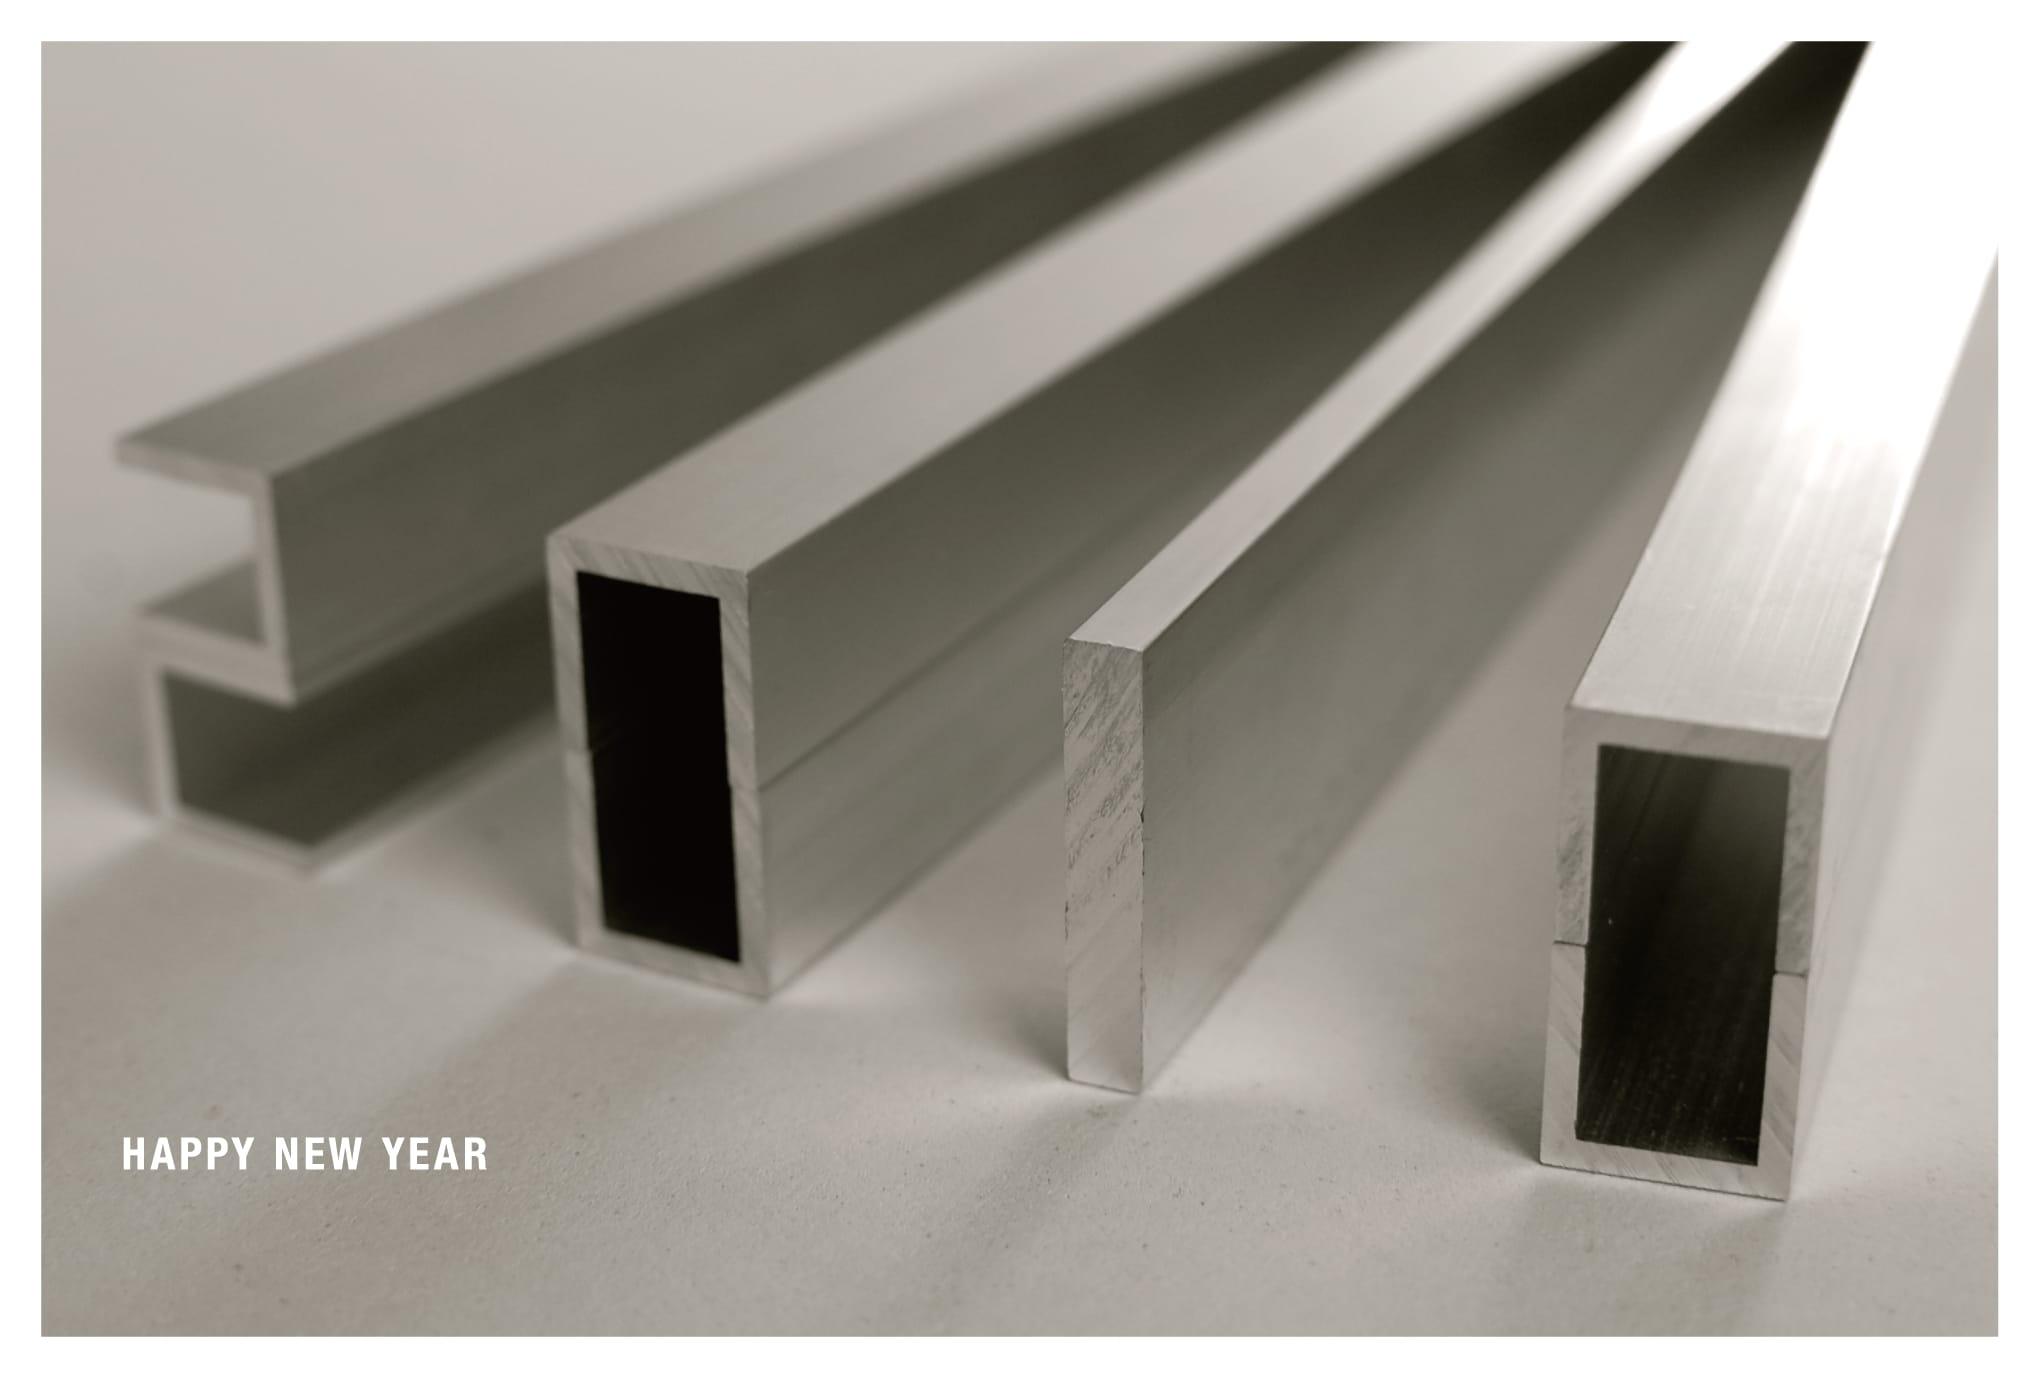 2010年賀状24:Alumi-new-m 2010 / 横 1のダウンロード画像